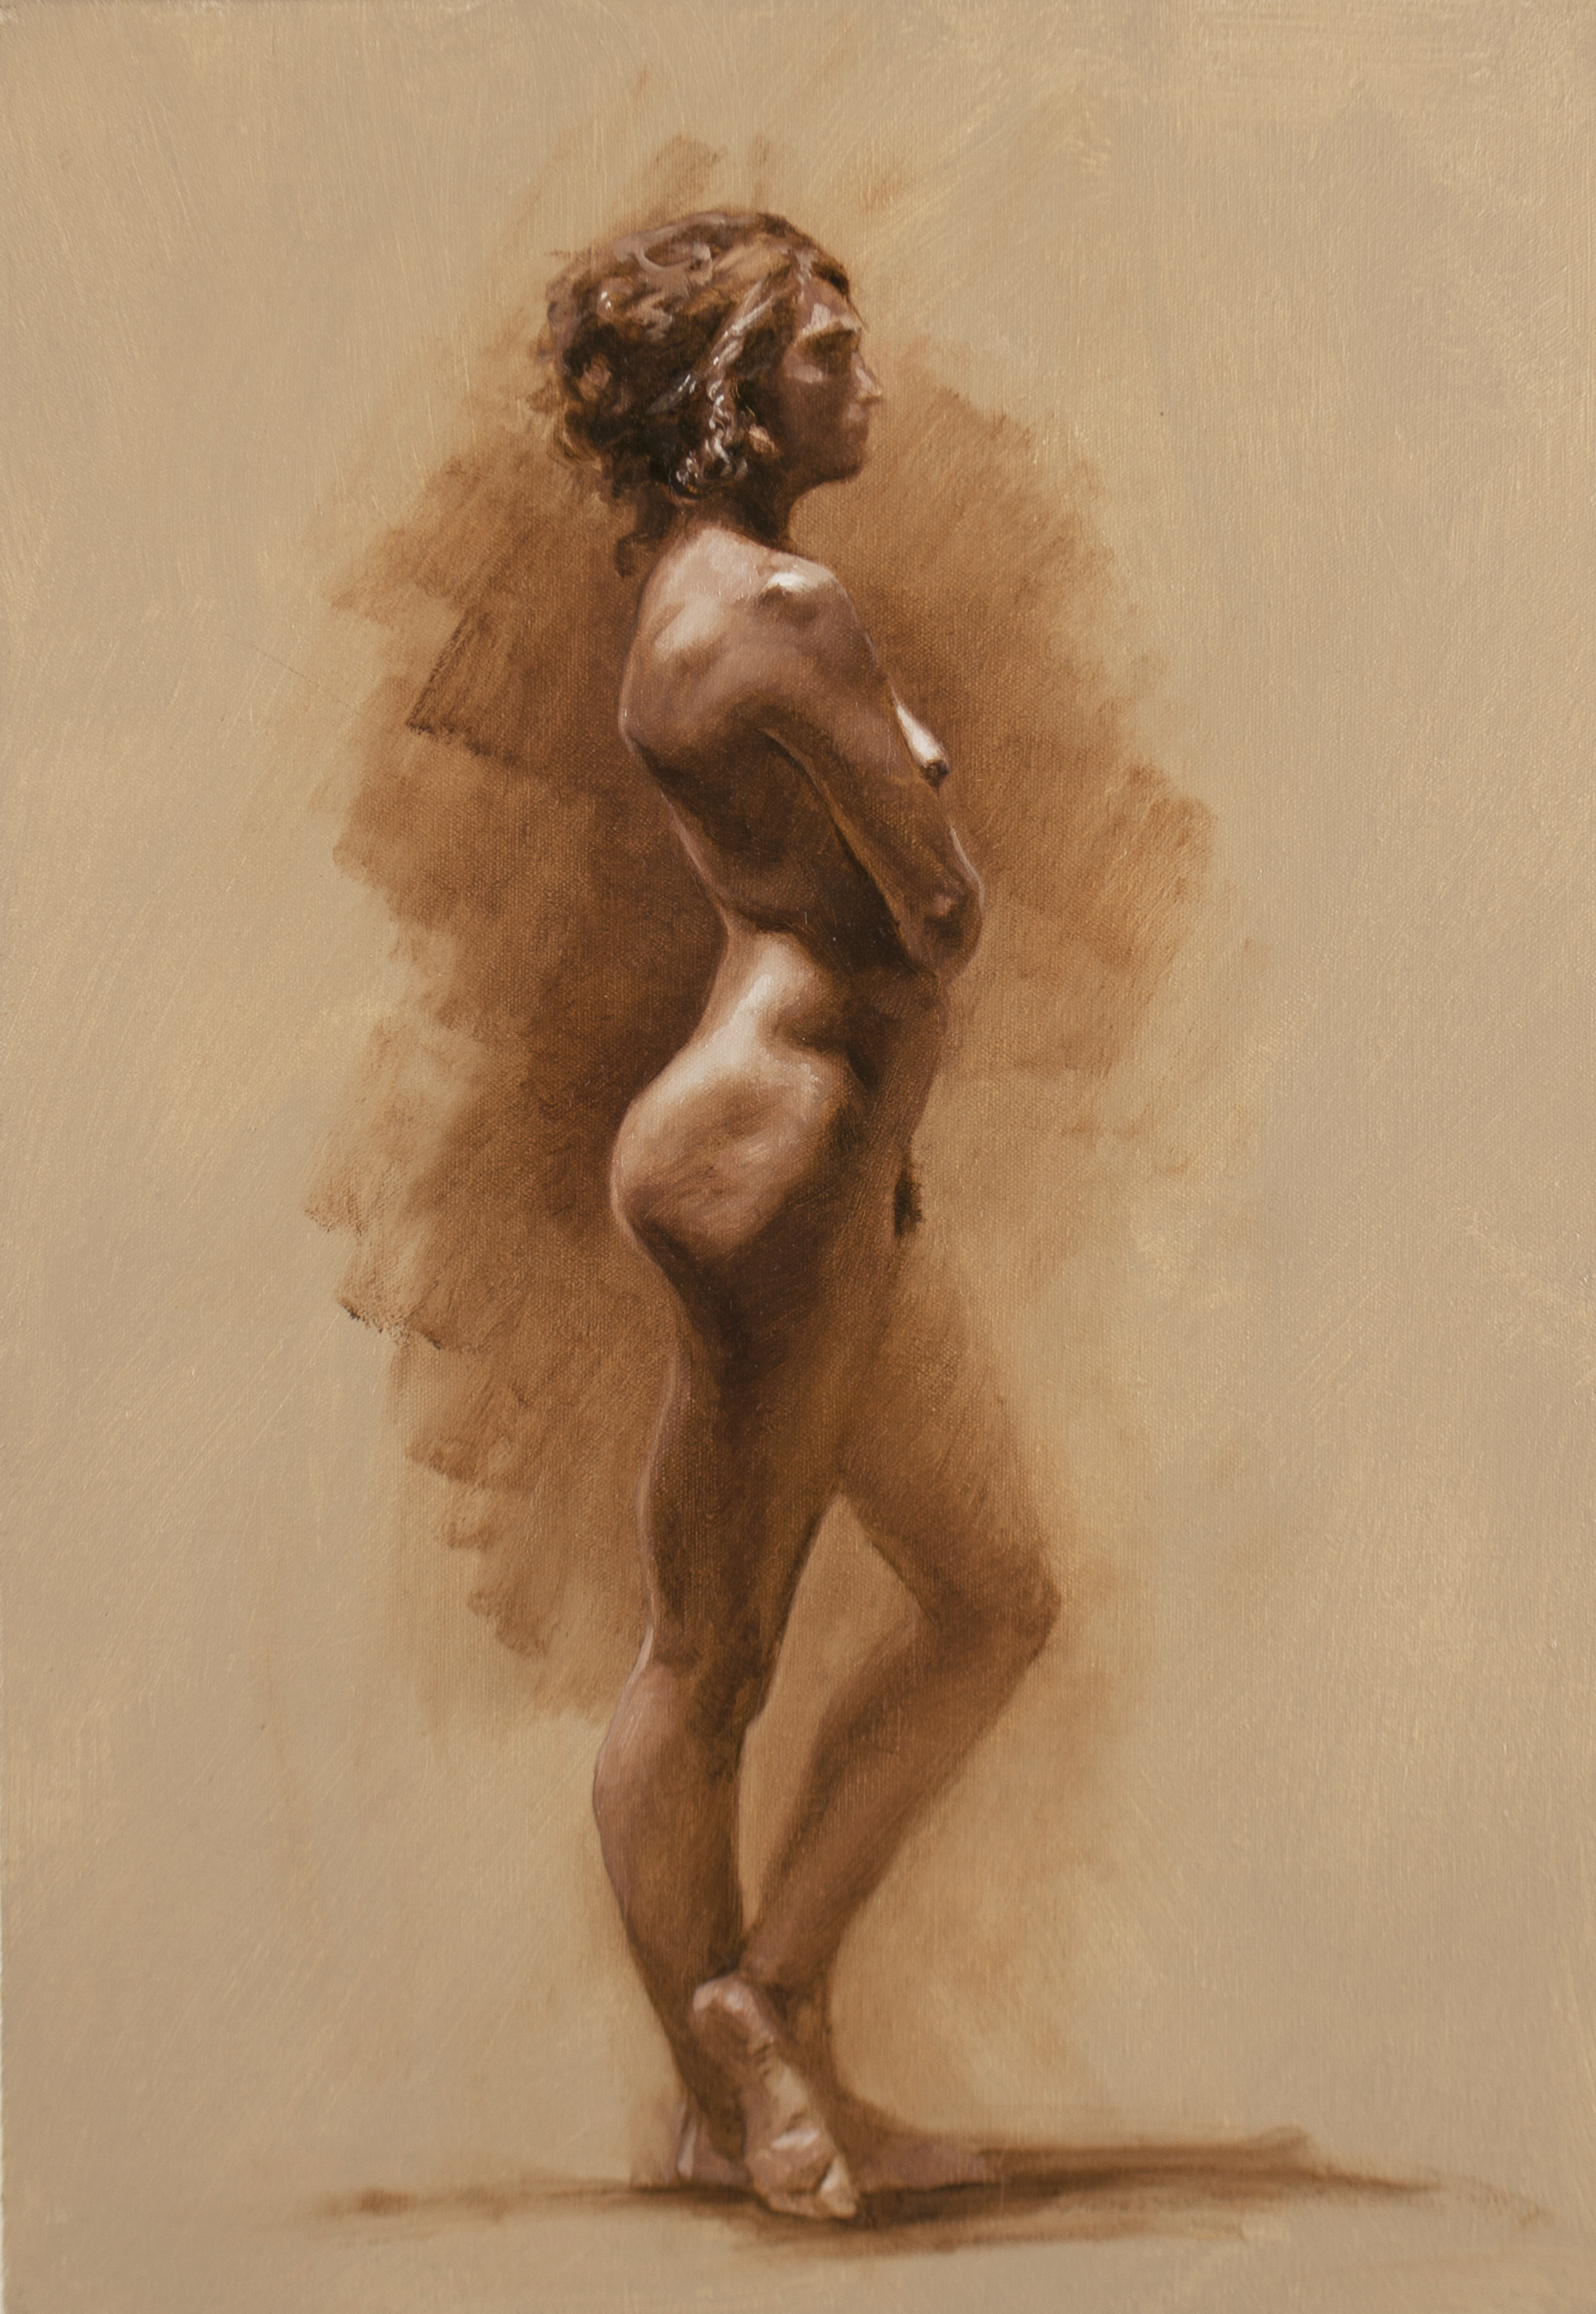 cours-peinture-dessin-fontenay-sous-bois-paris-montreuil-vincennes.jpg